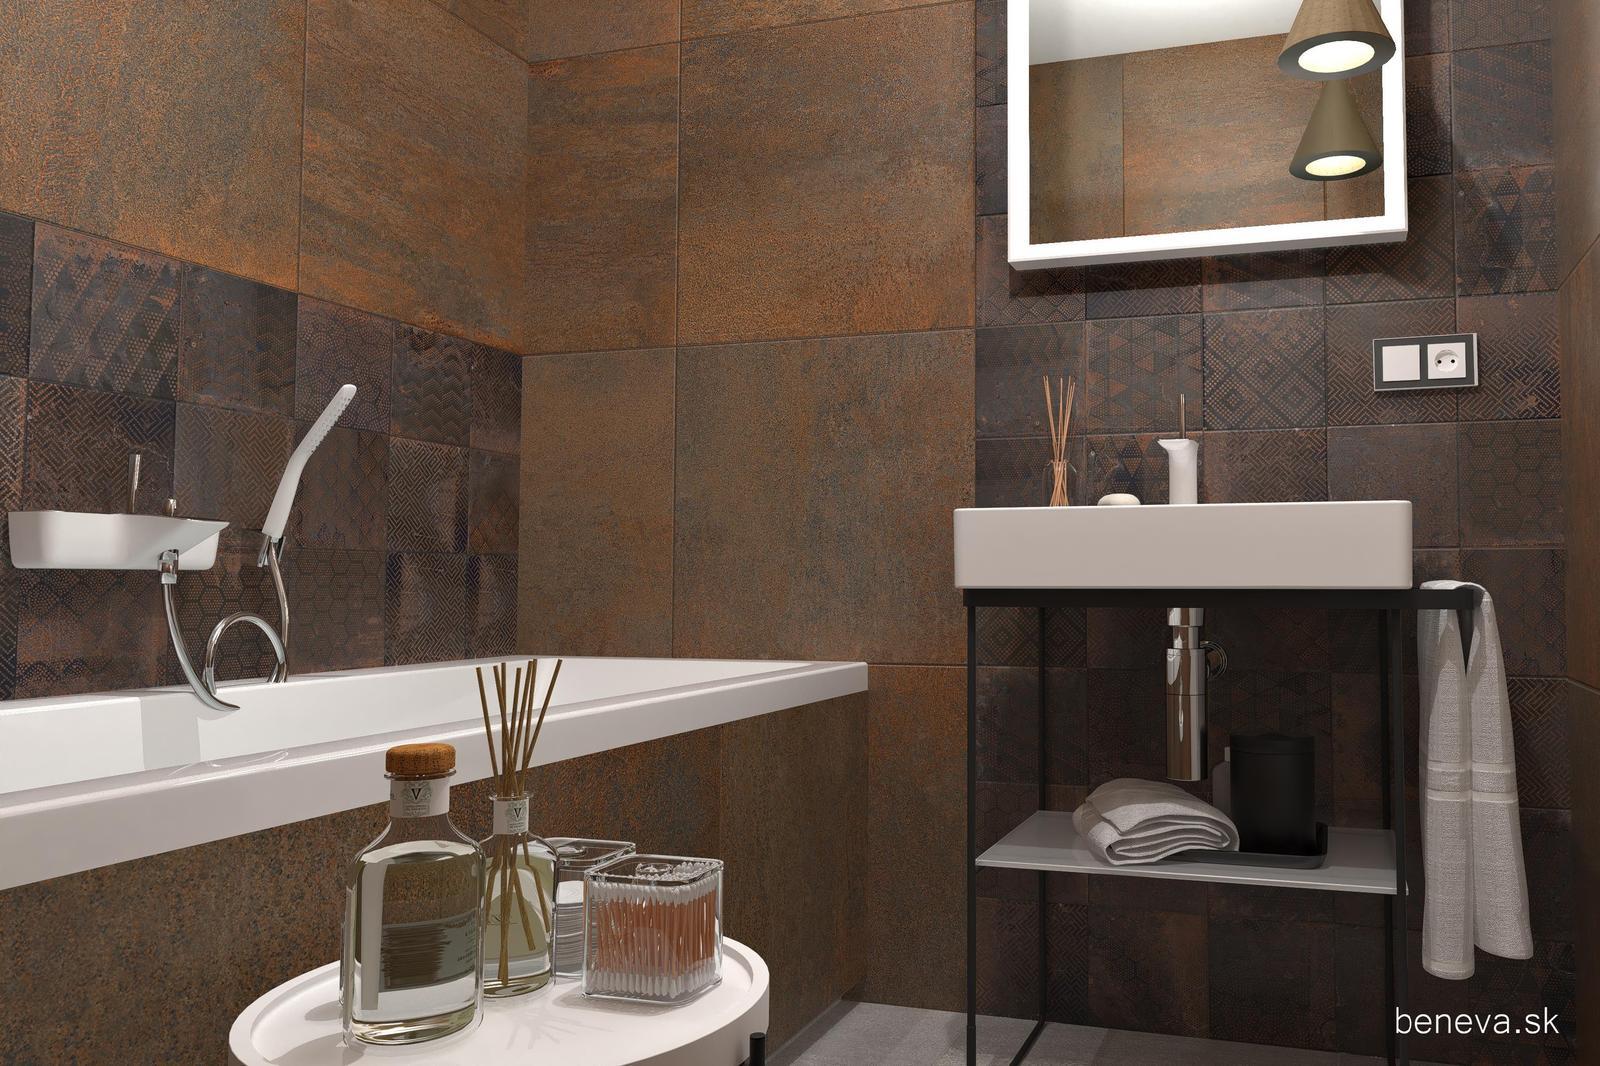 Návrh kúpeľne s metalickým efektom - Obrázok č. 12